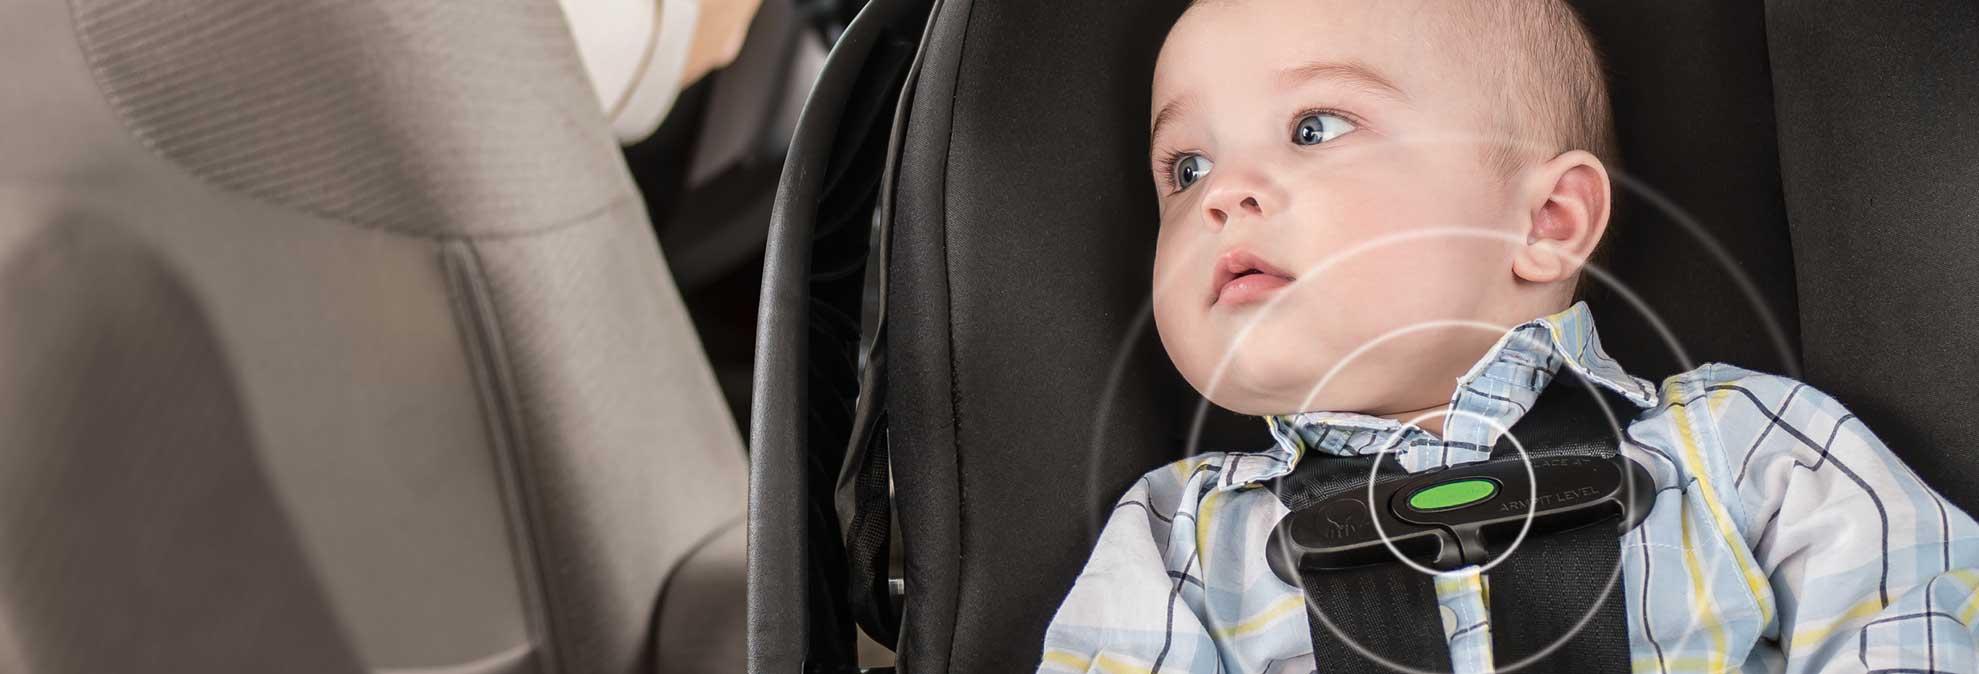 evenflo sensorsafe car seat consumer reports. Black Bedroom Furniture Sets. Home Design Ideas